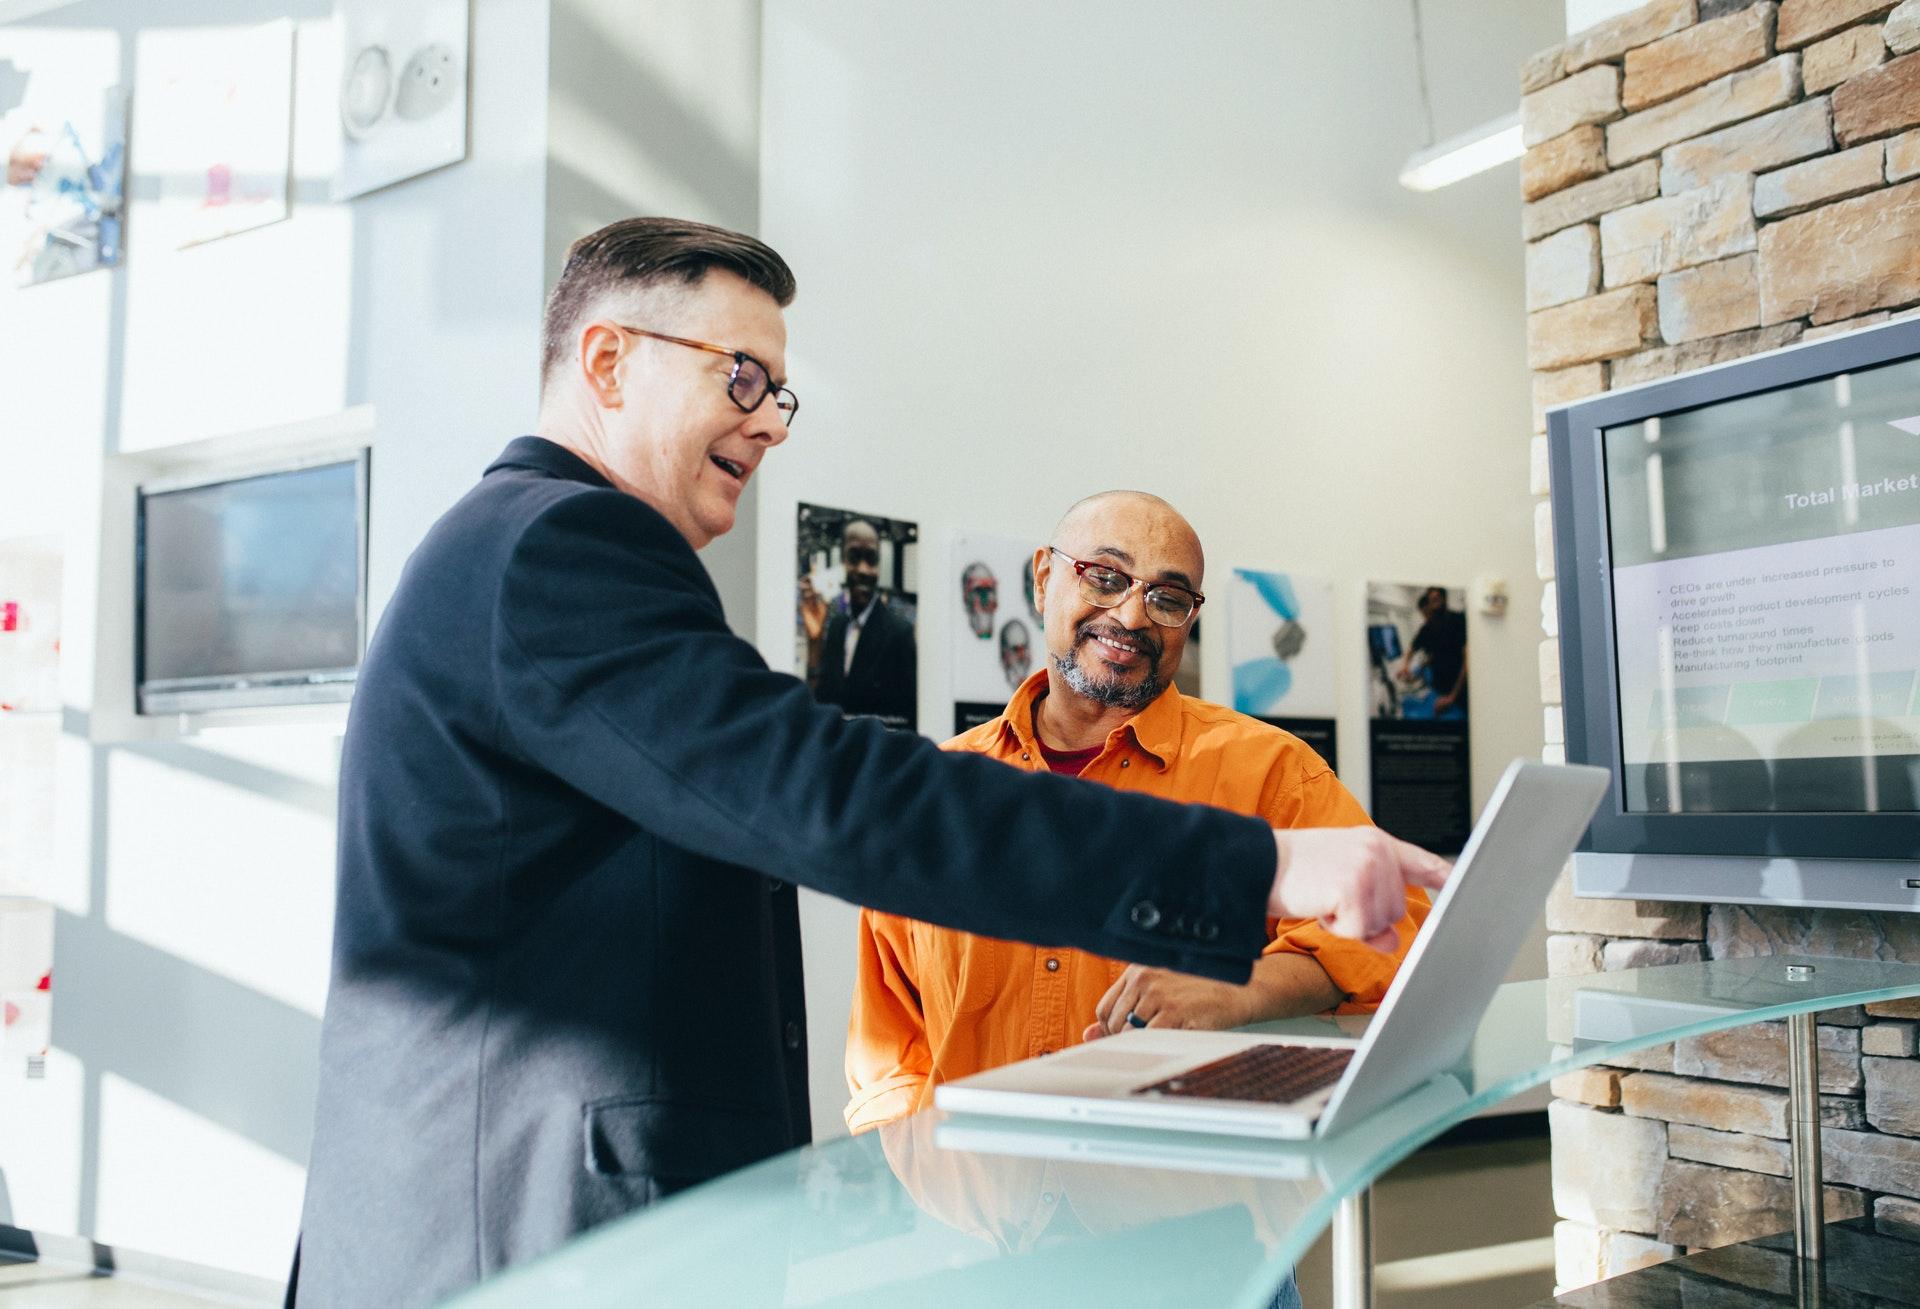 7 приемов мотивирования клиентов на оставления отзывов